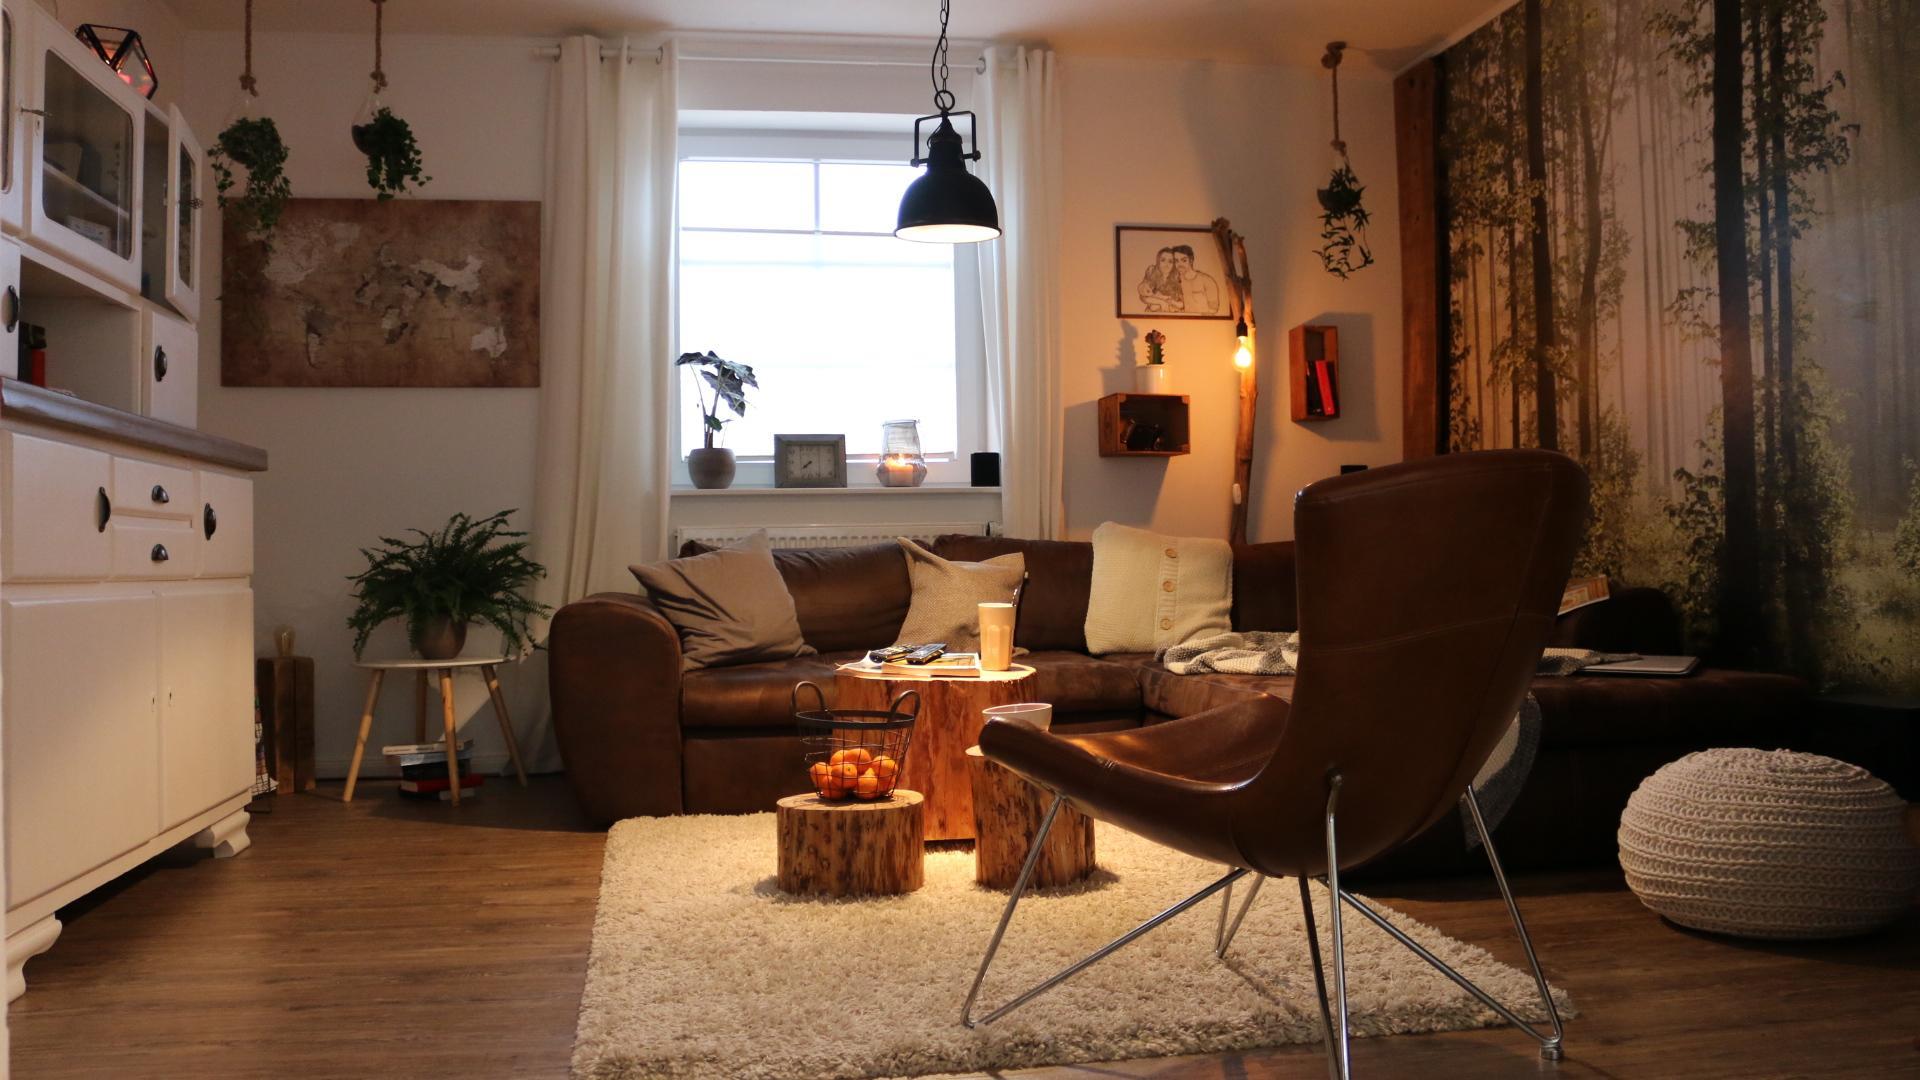 Wohnzimmer Einrichten Gestalten Room Makeover DIY Tipps